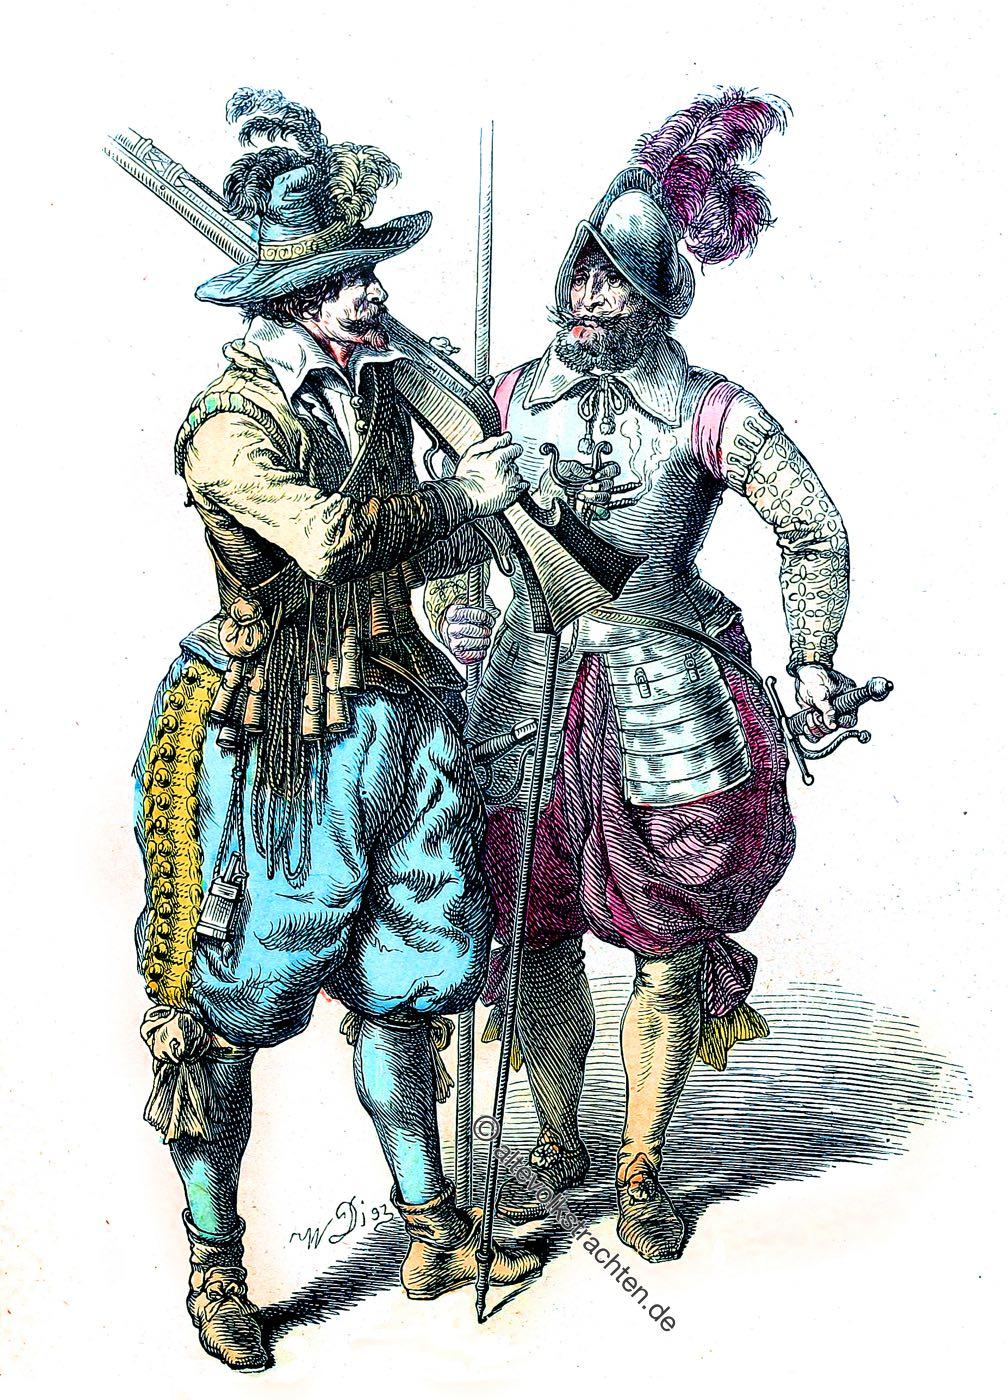 Münchener Bilderbogen, Soldaten, Barock, Musketier, Pikenier, Infanterie, dreissigjähriger Krieg,